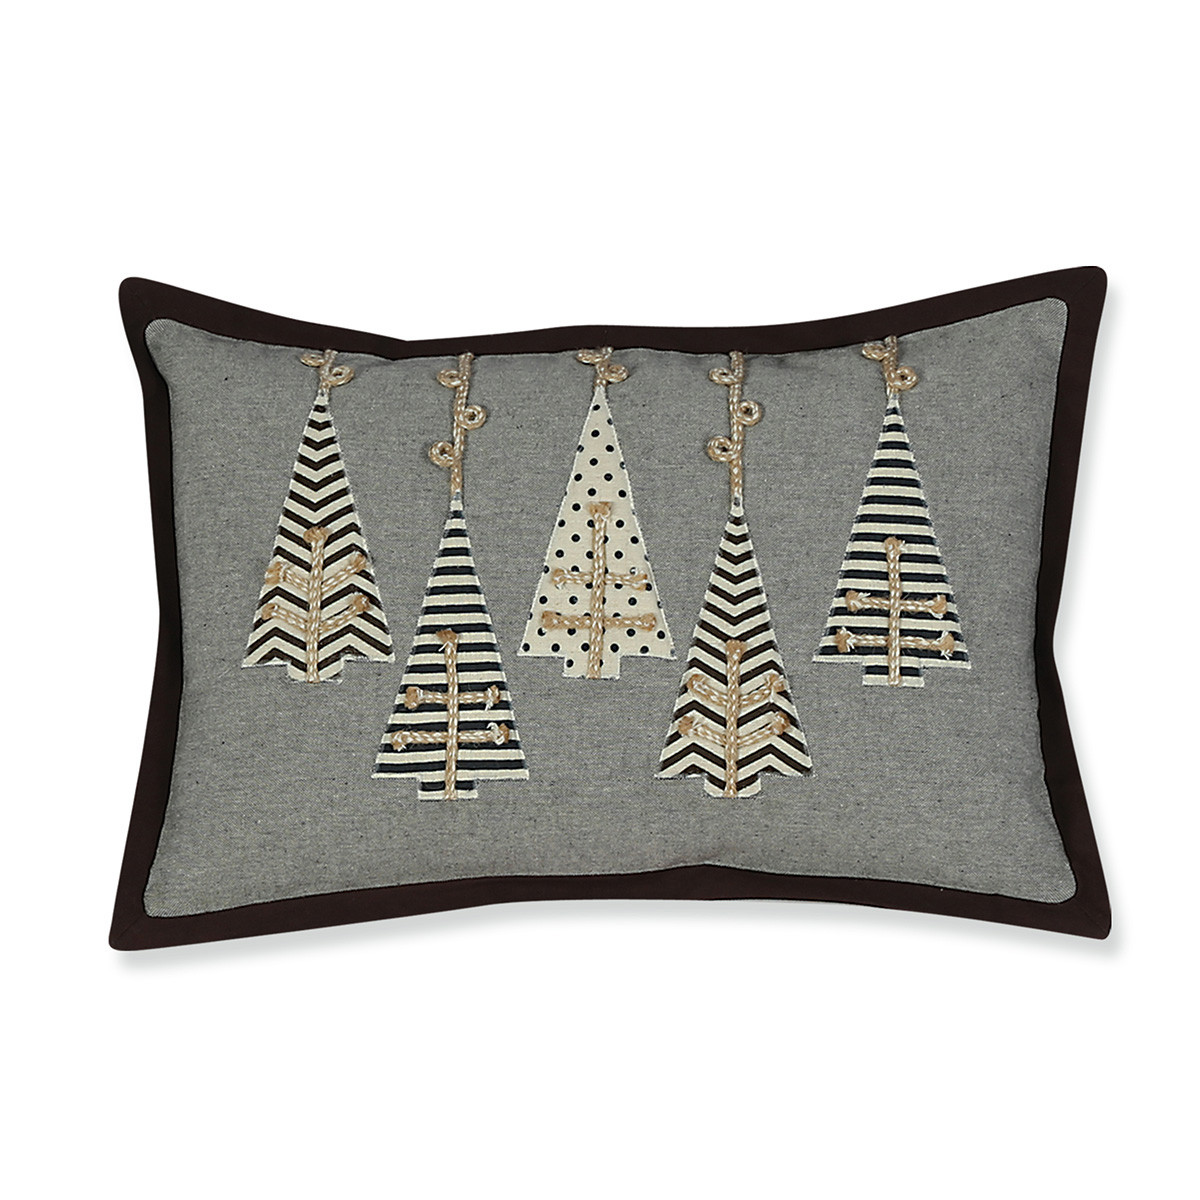 Χριστουγεννιάτικο Μαξιλάρι Nef-Nef Jewellery Trees